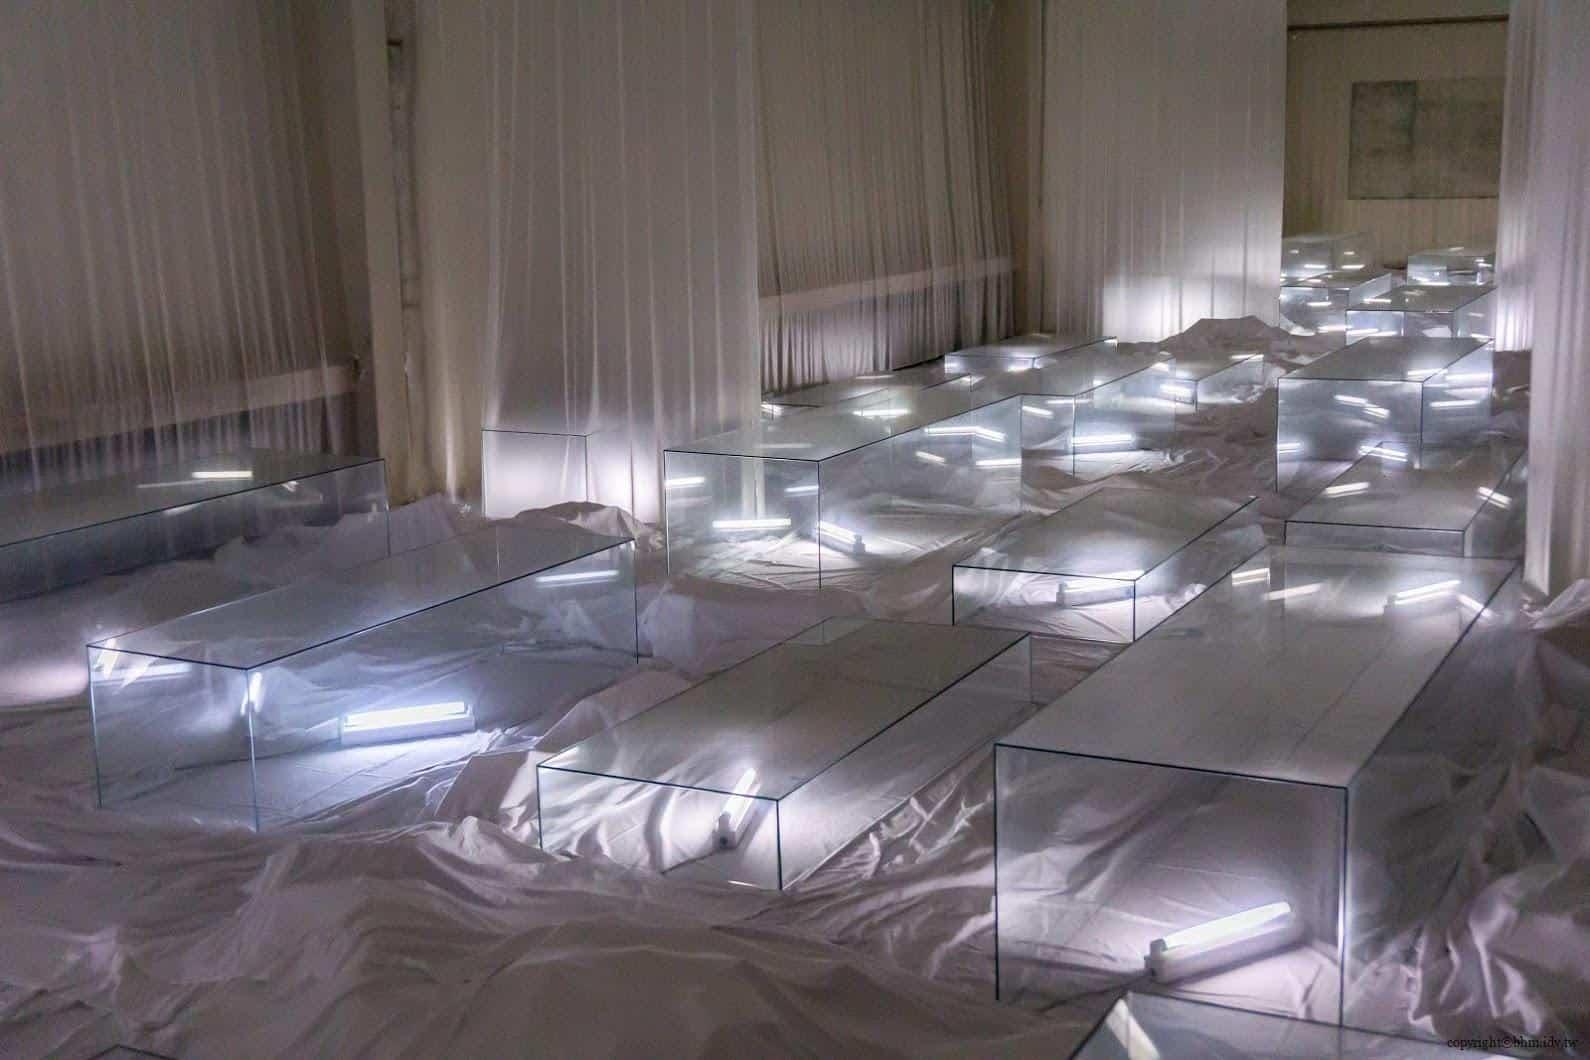 克利斯蒂安‧波爾坦斯基+將‧卡爾曼,最後的教室,列著玻璃棺木的教室 最後的教室 最後的教室 the last class 10